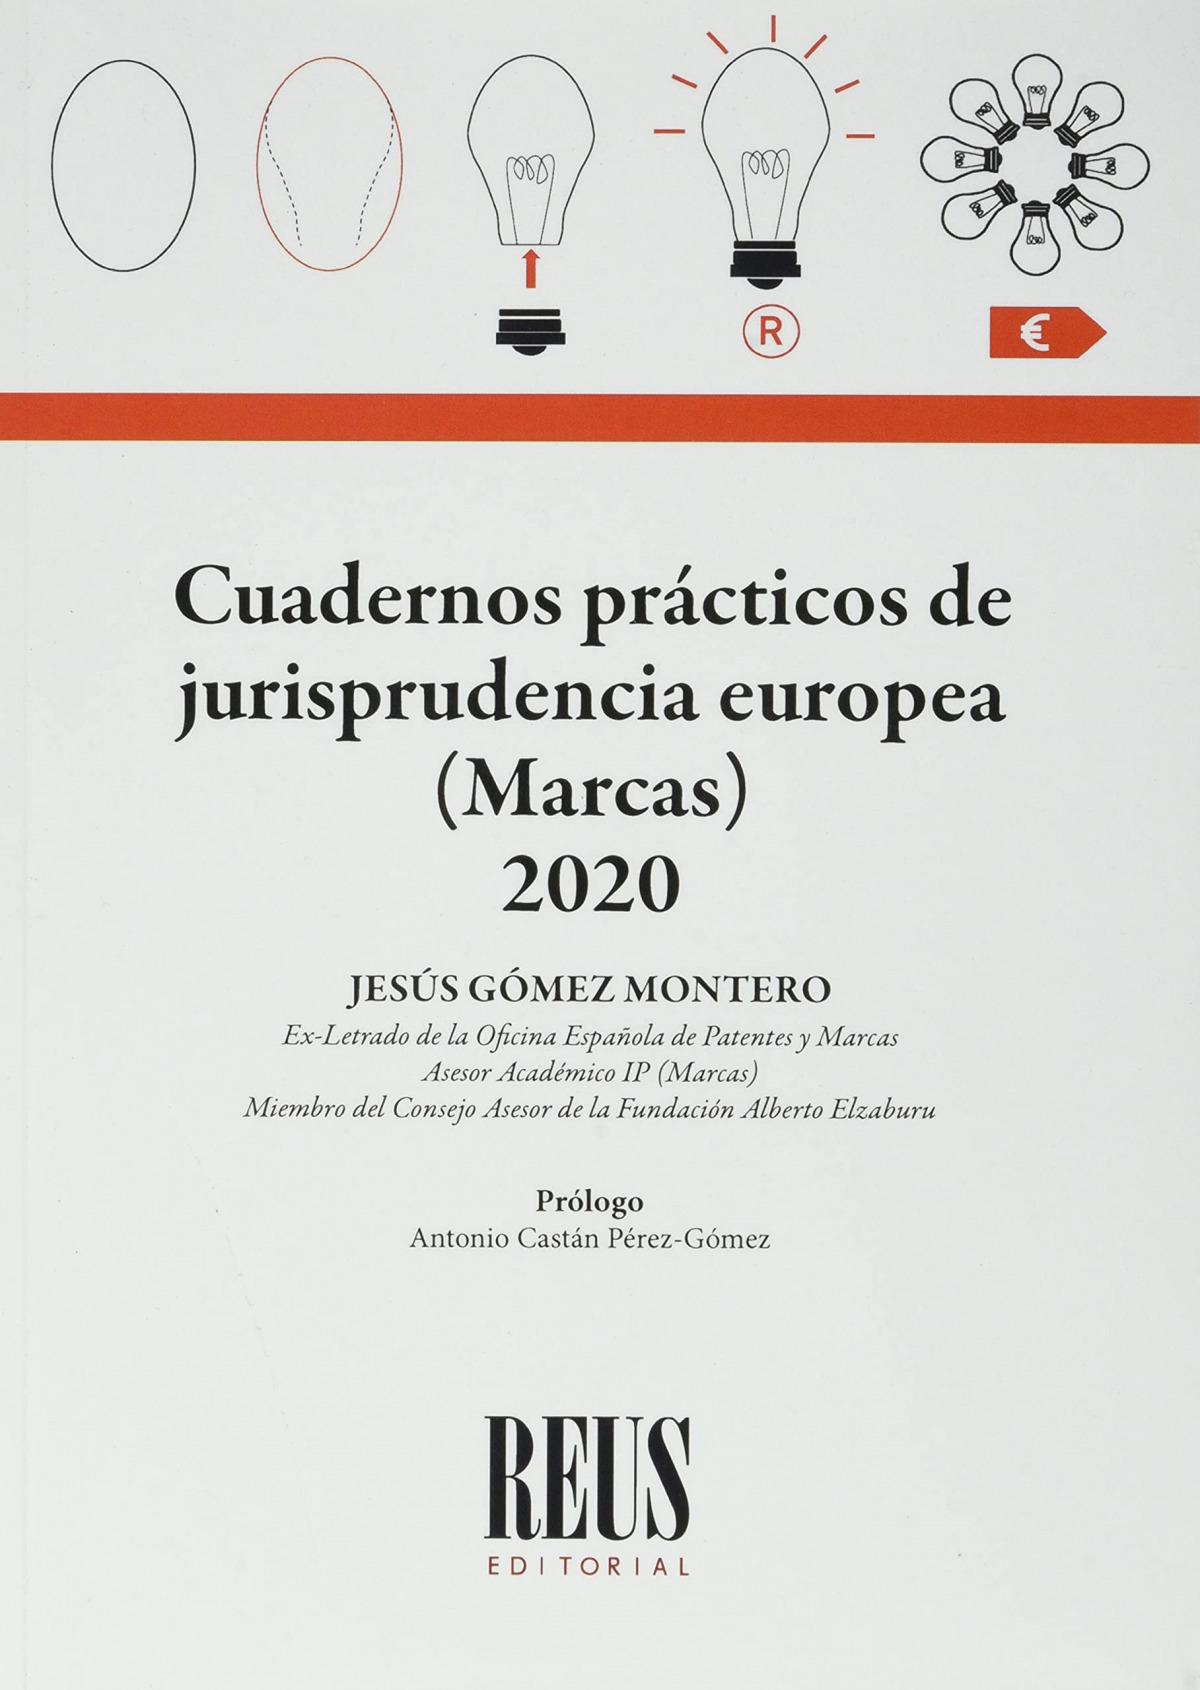 Cuadernos prácticos de jurisprudencia europea (Marcas) 2020